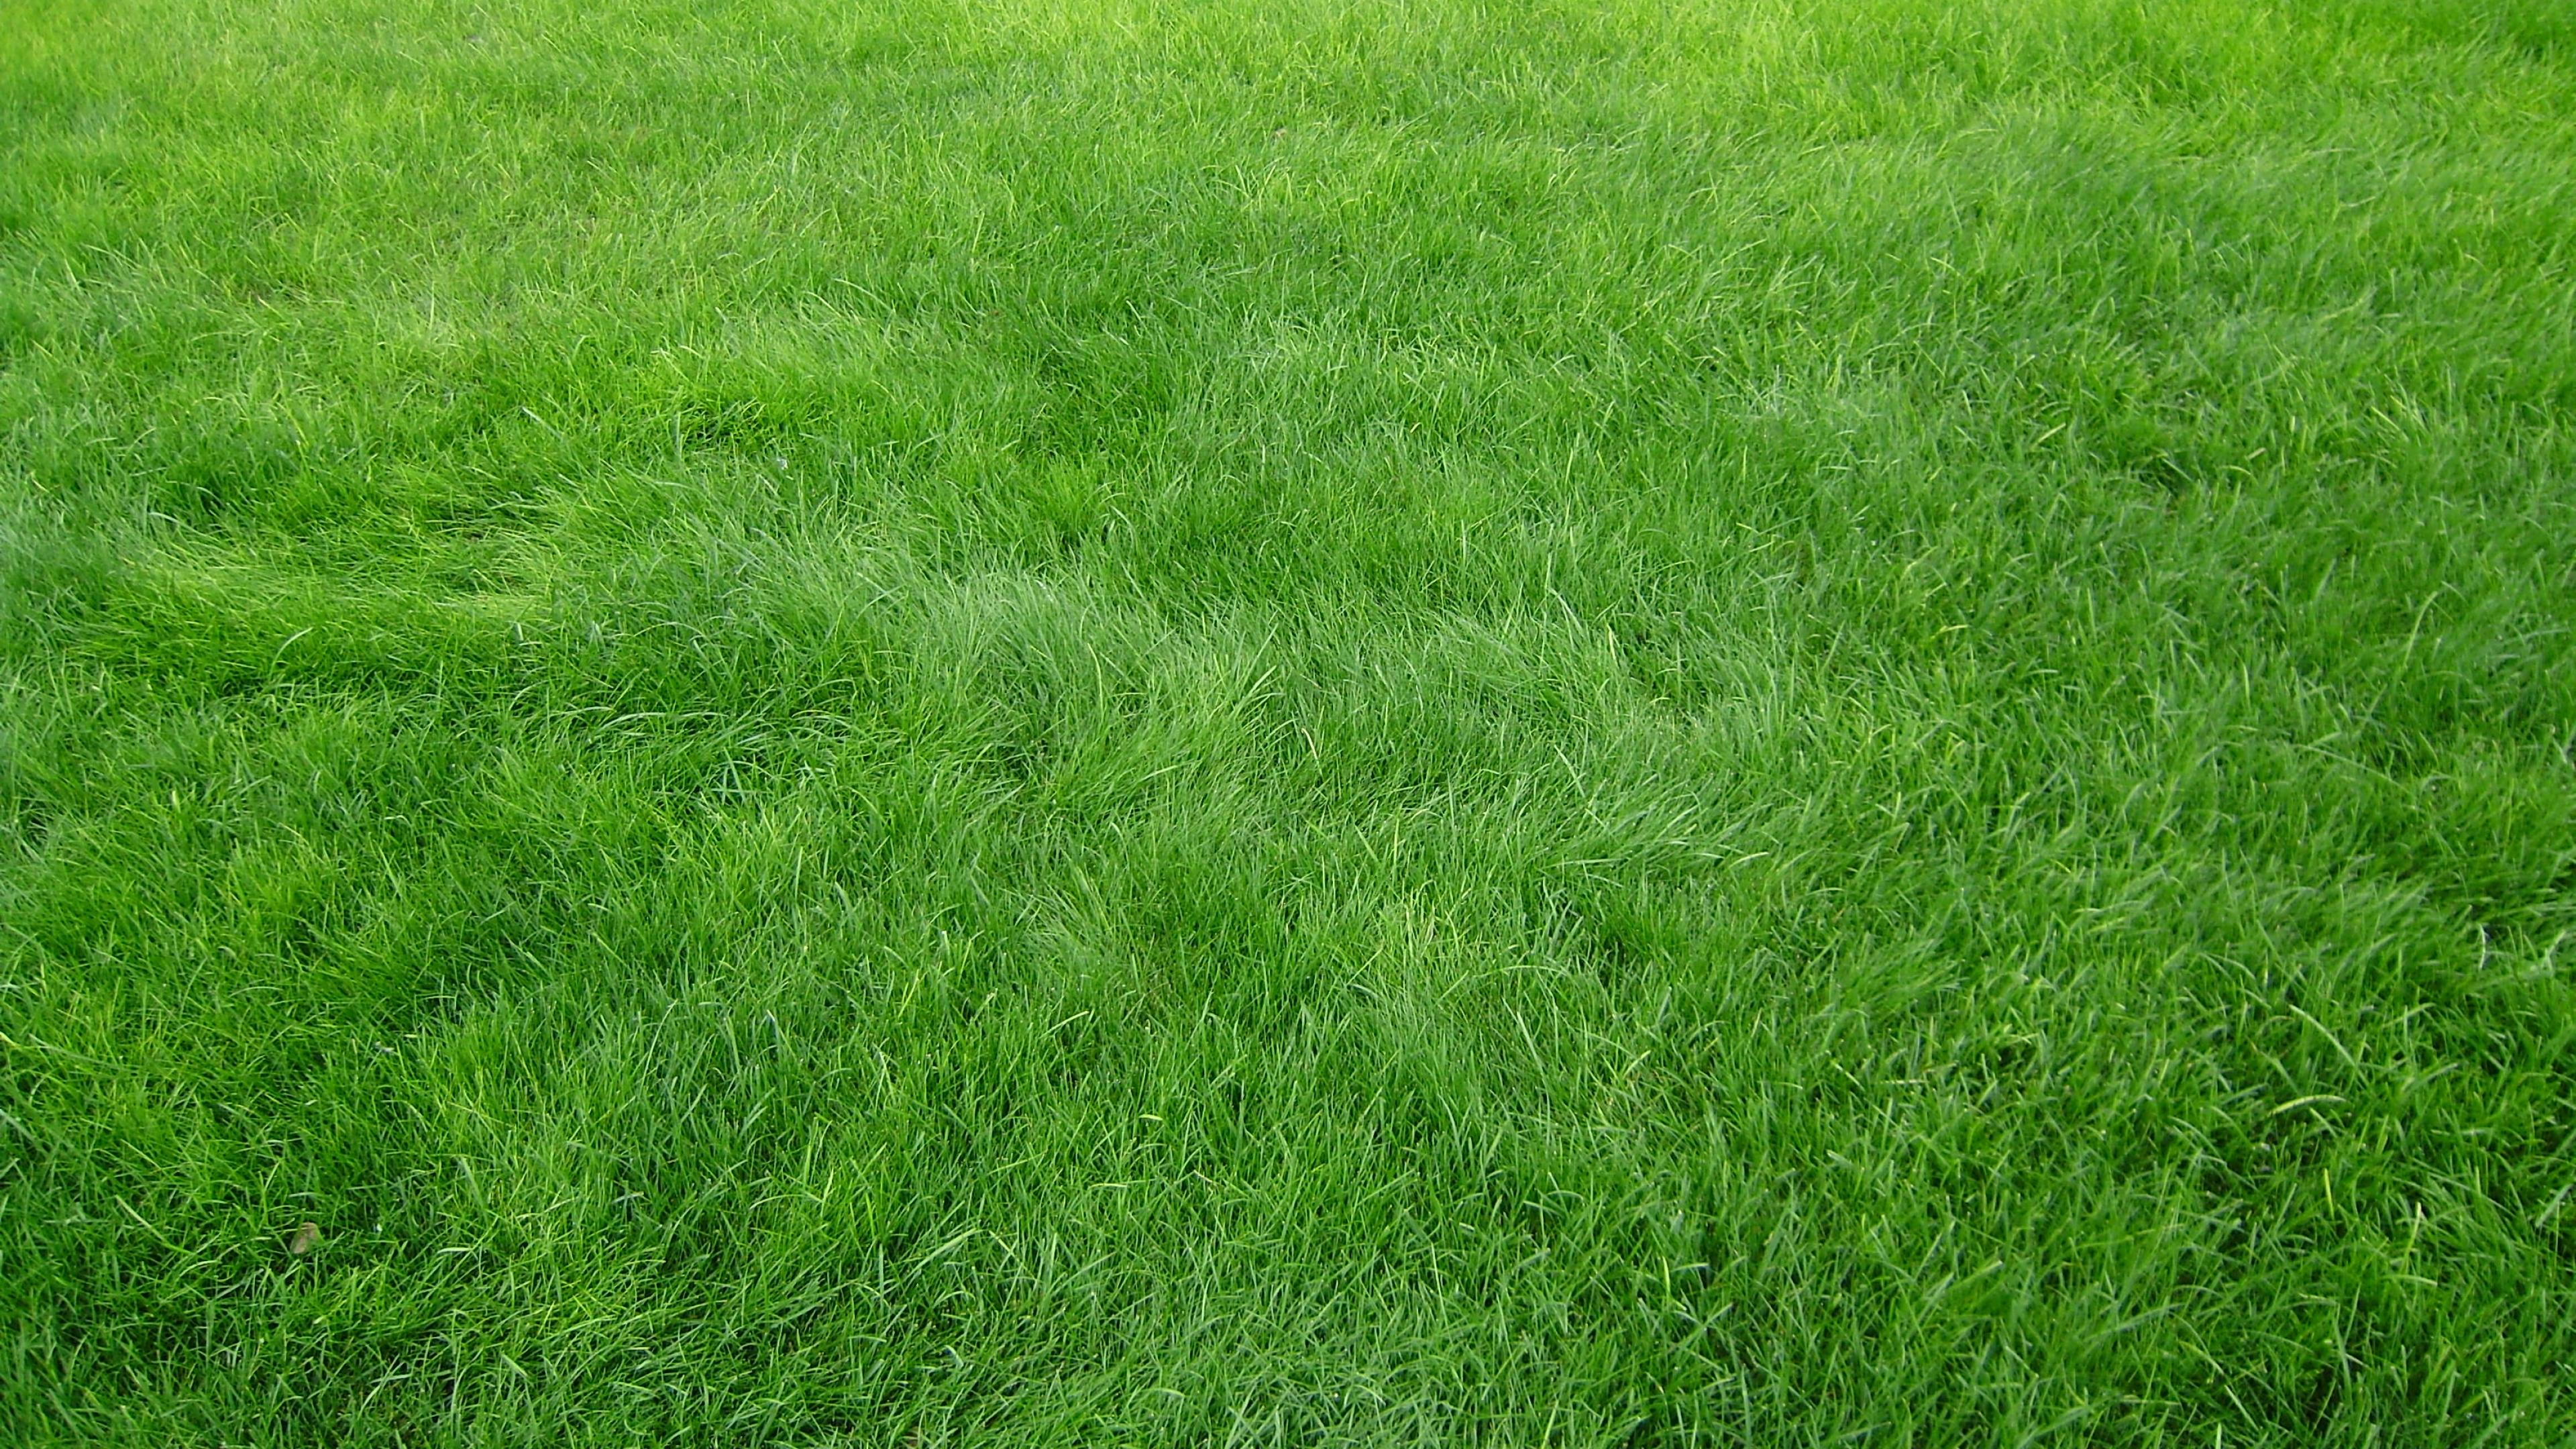 4K Wallpaper Grass - WallpaperSafari